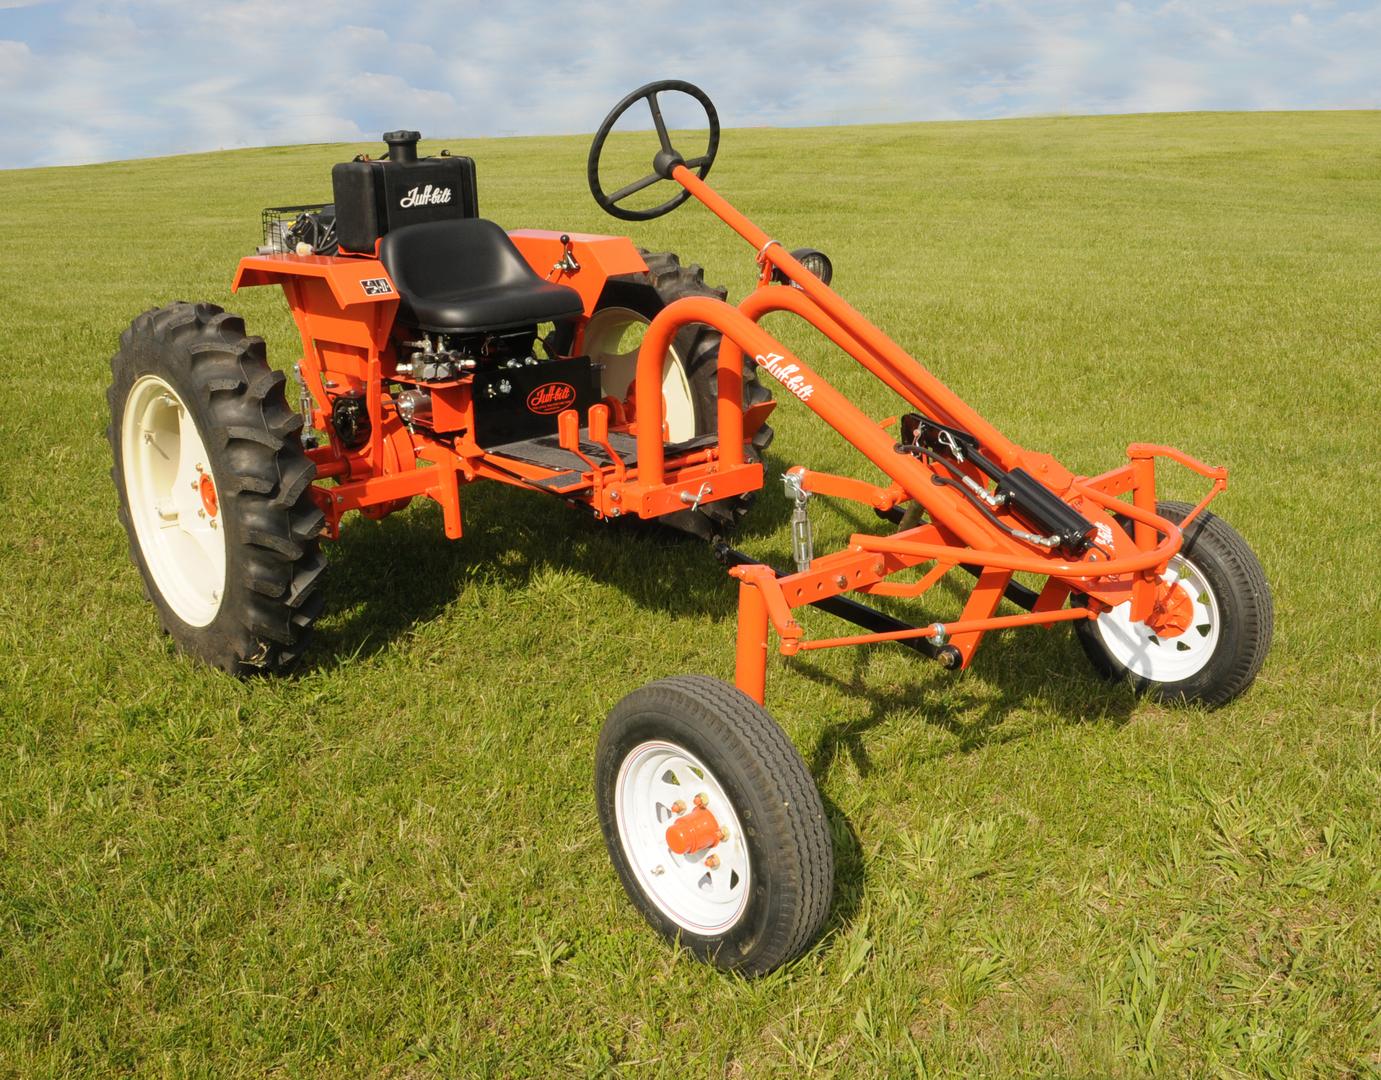 Tuff-bilt Tractor - Tuff-bilt Tractor Systems